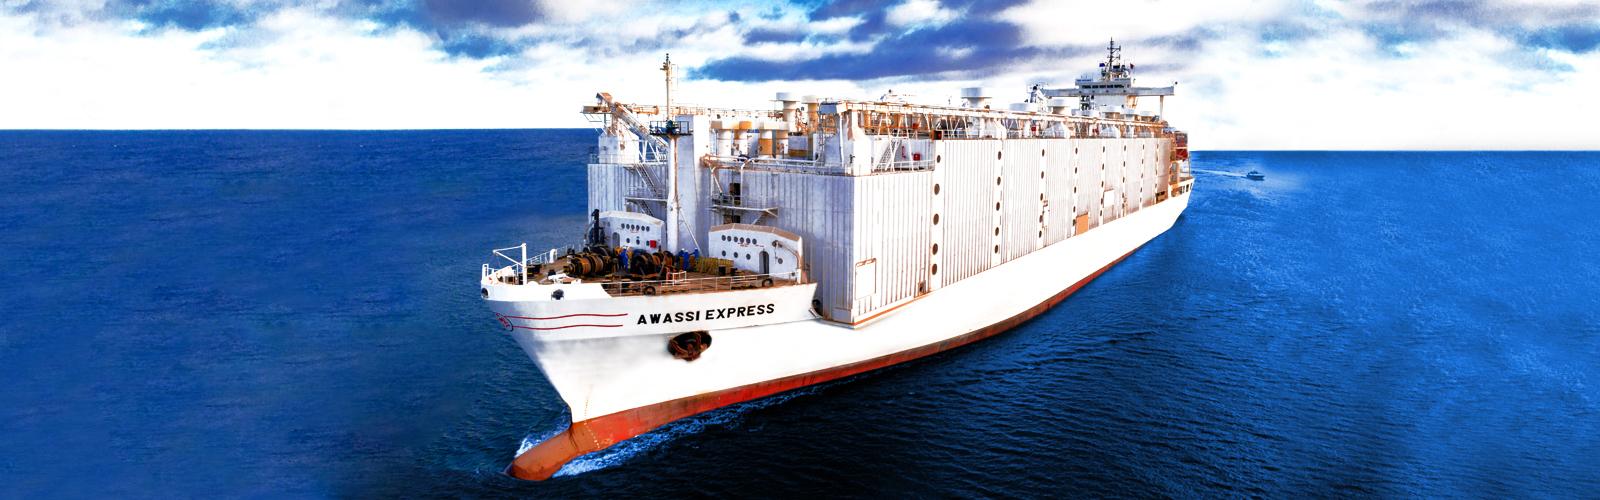 Awassi Ship (2)